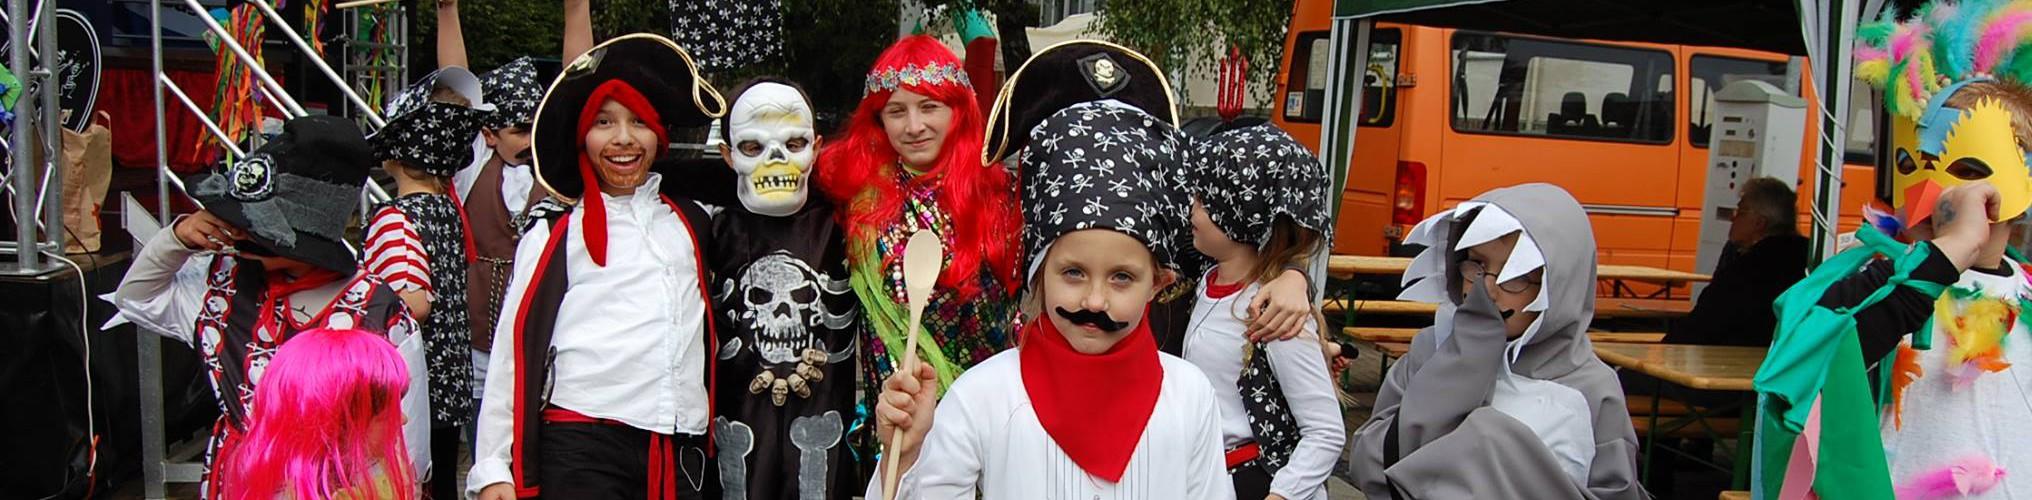 Die Grille Piraten auf dem Weltkindertag